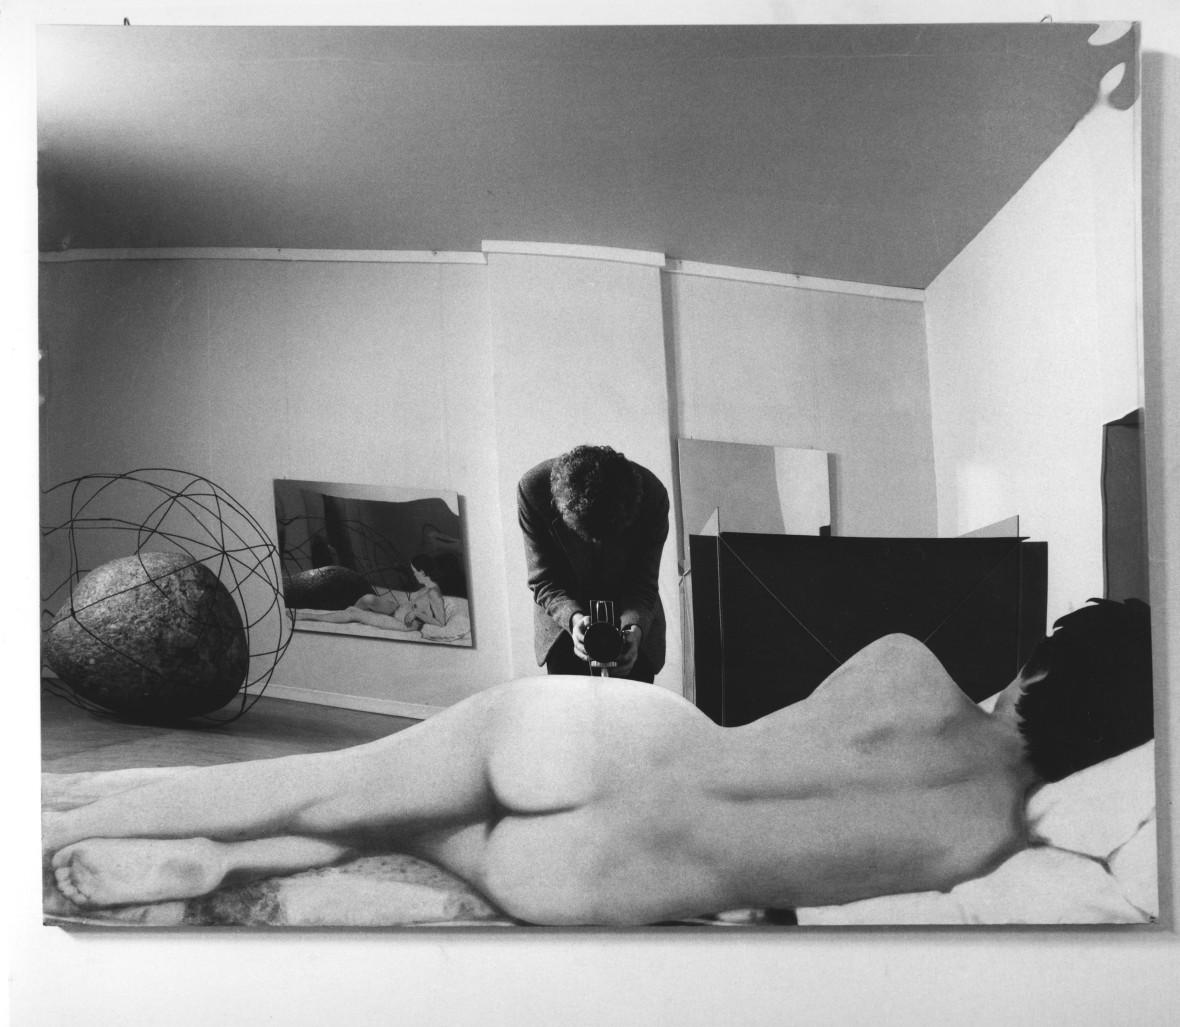 Room of Michelangelo Pistoletto, Vitalità del Negativo, Palazzo delle Esposizioni, Roma, 1970